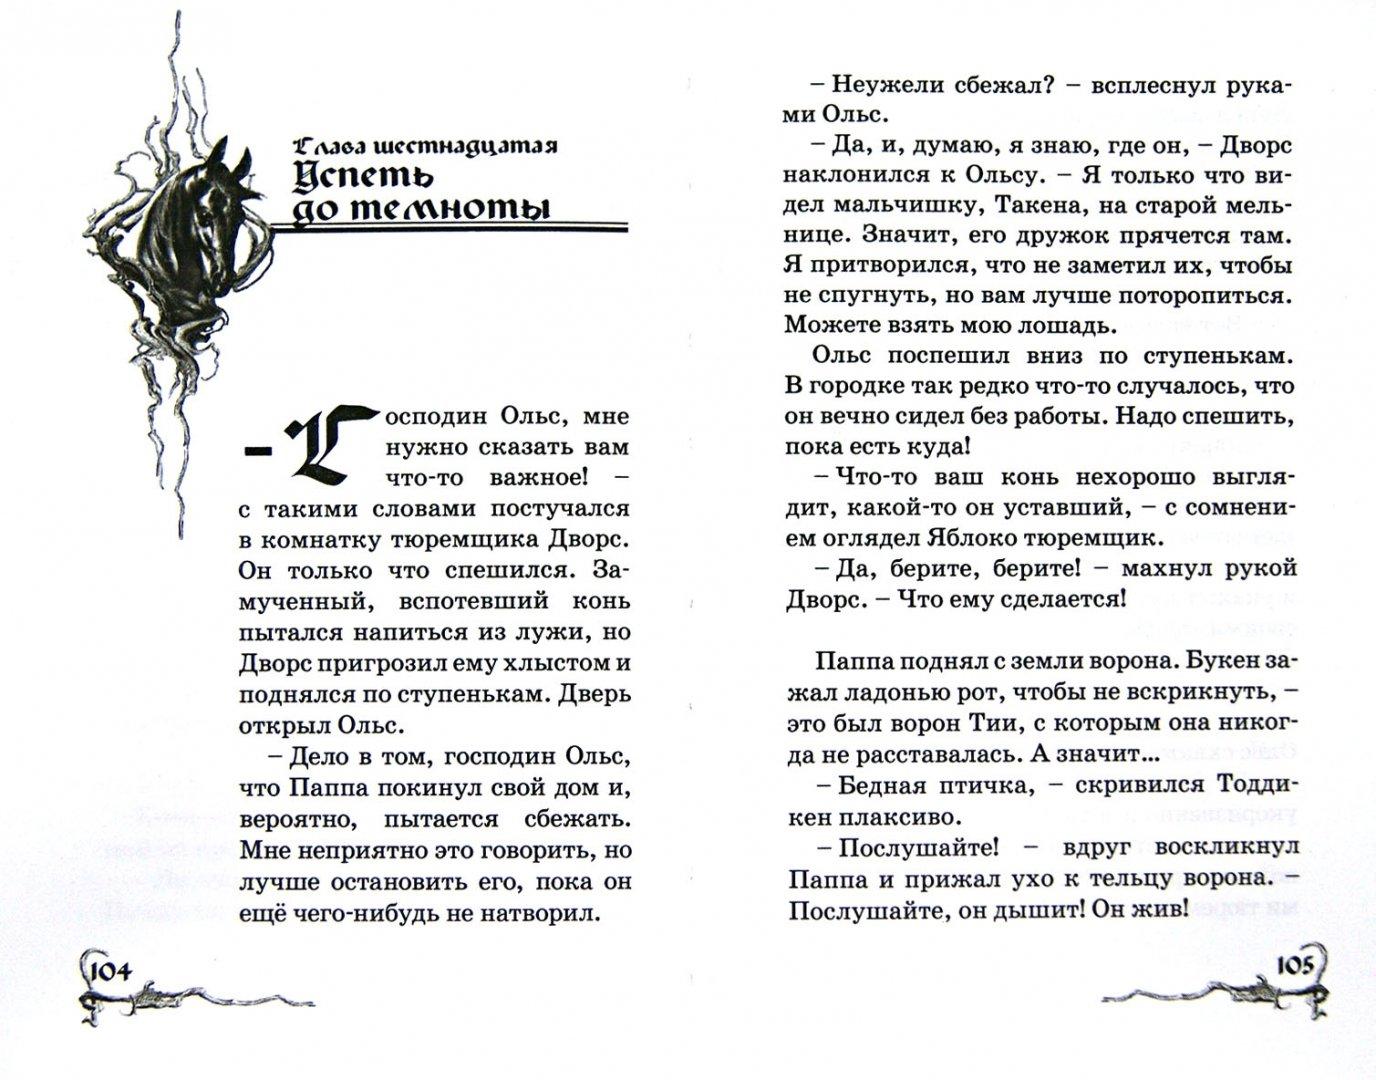 Иллюстрация 1 из 16 для Успеть до темноты! - Наталья Элуа   Лабиринт - книги. Источник: Лабиринт